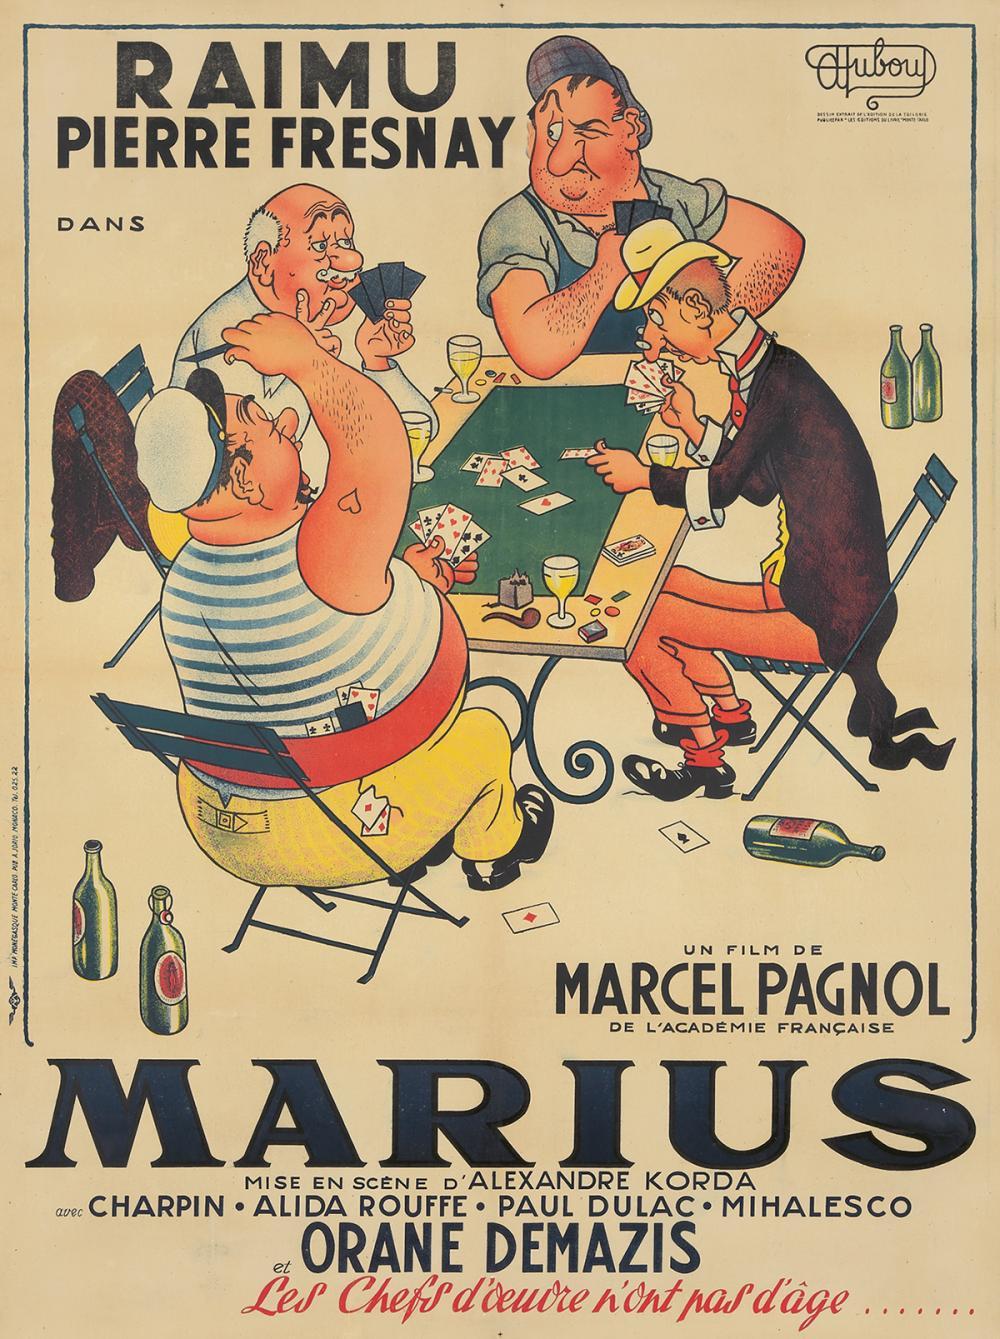 Marius. 1931.